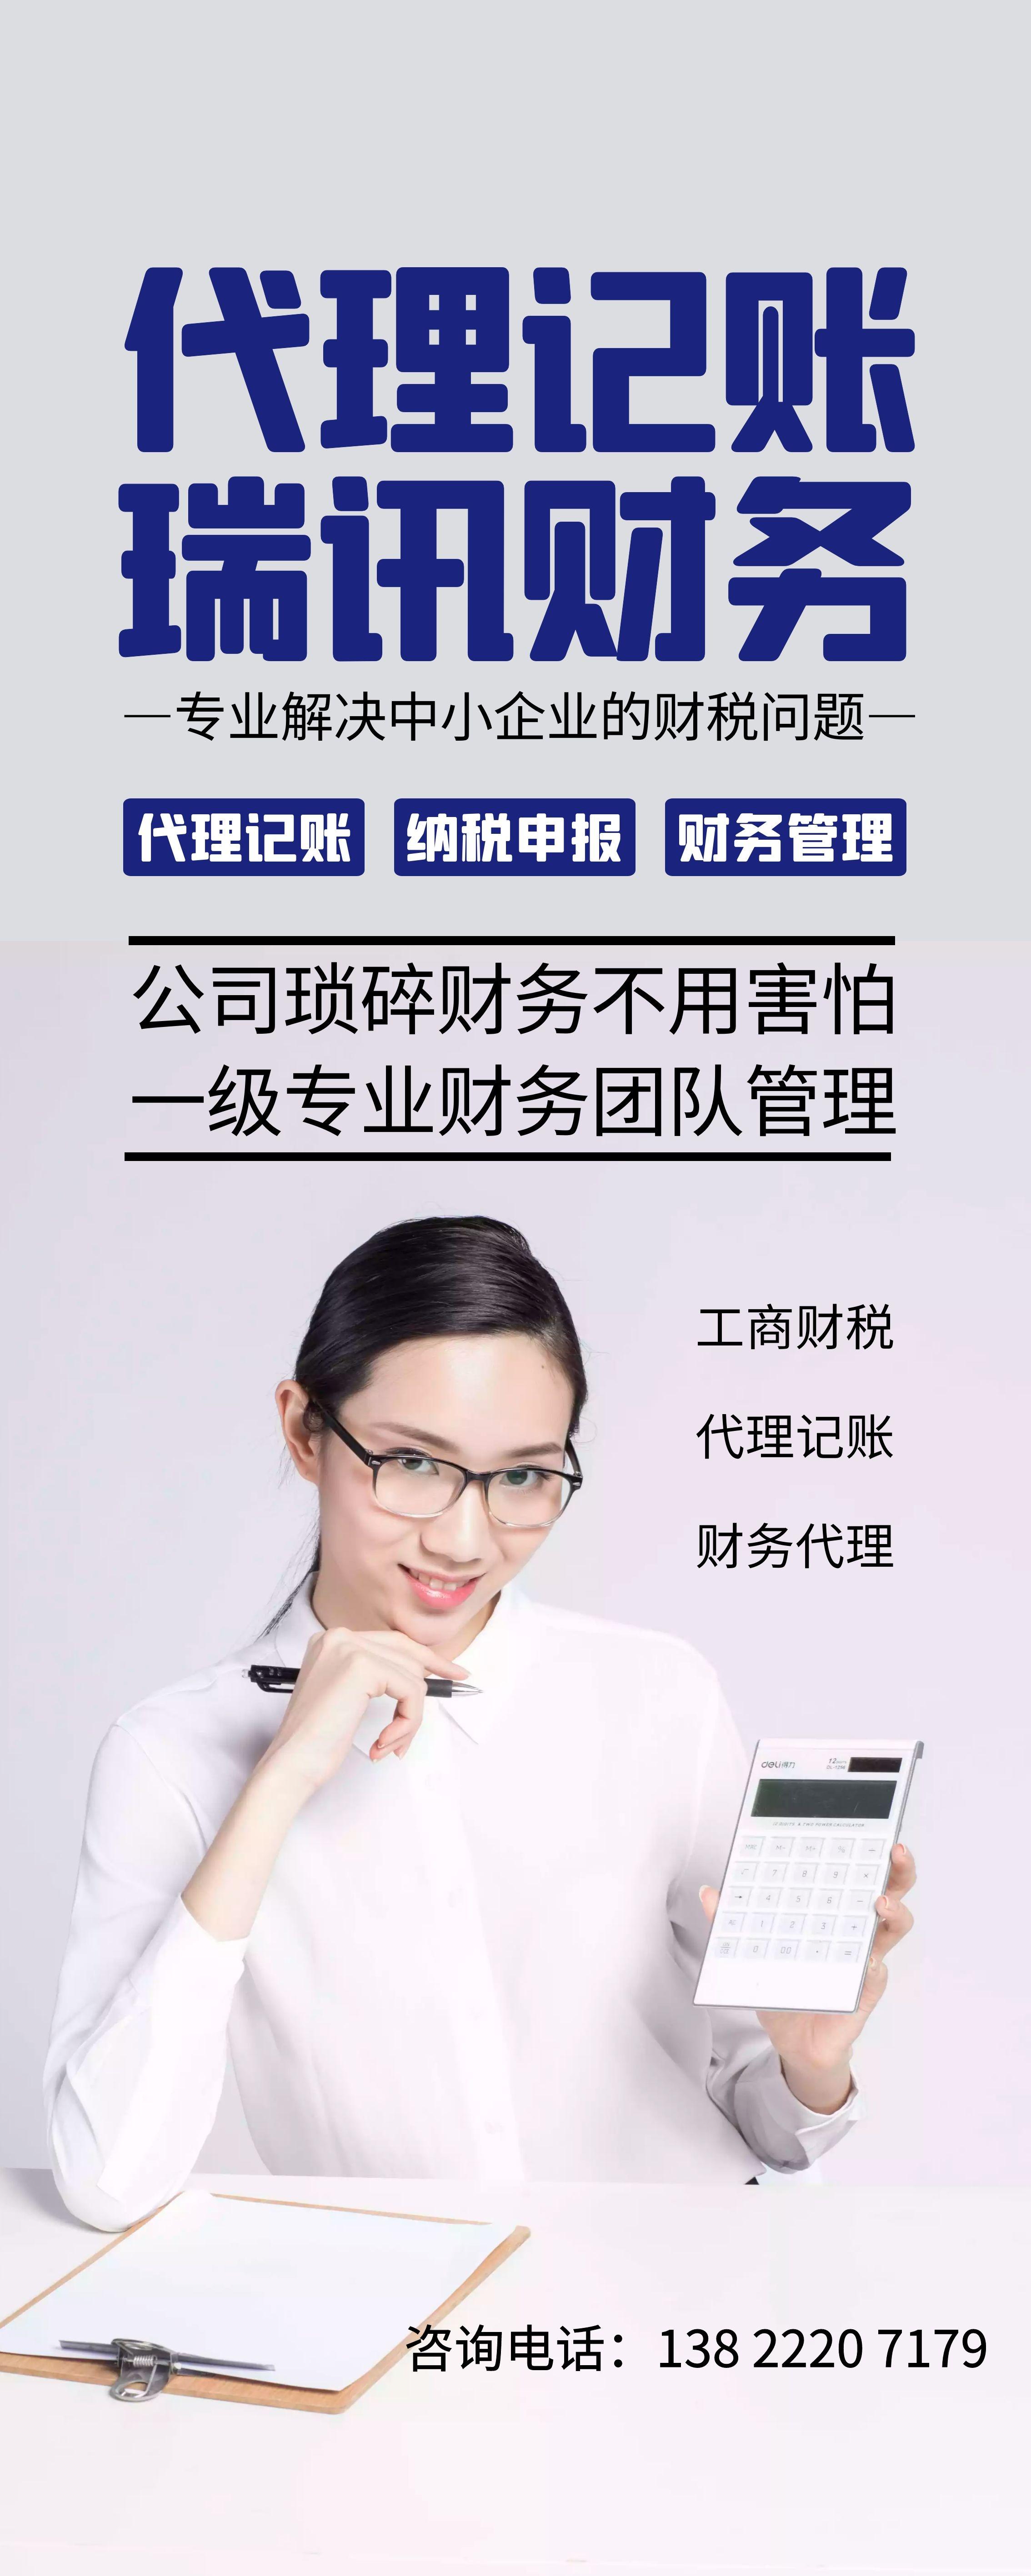 禅城区代理记账|禅城区财务代理|禅城区工商财税服务